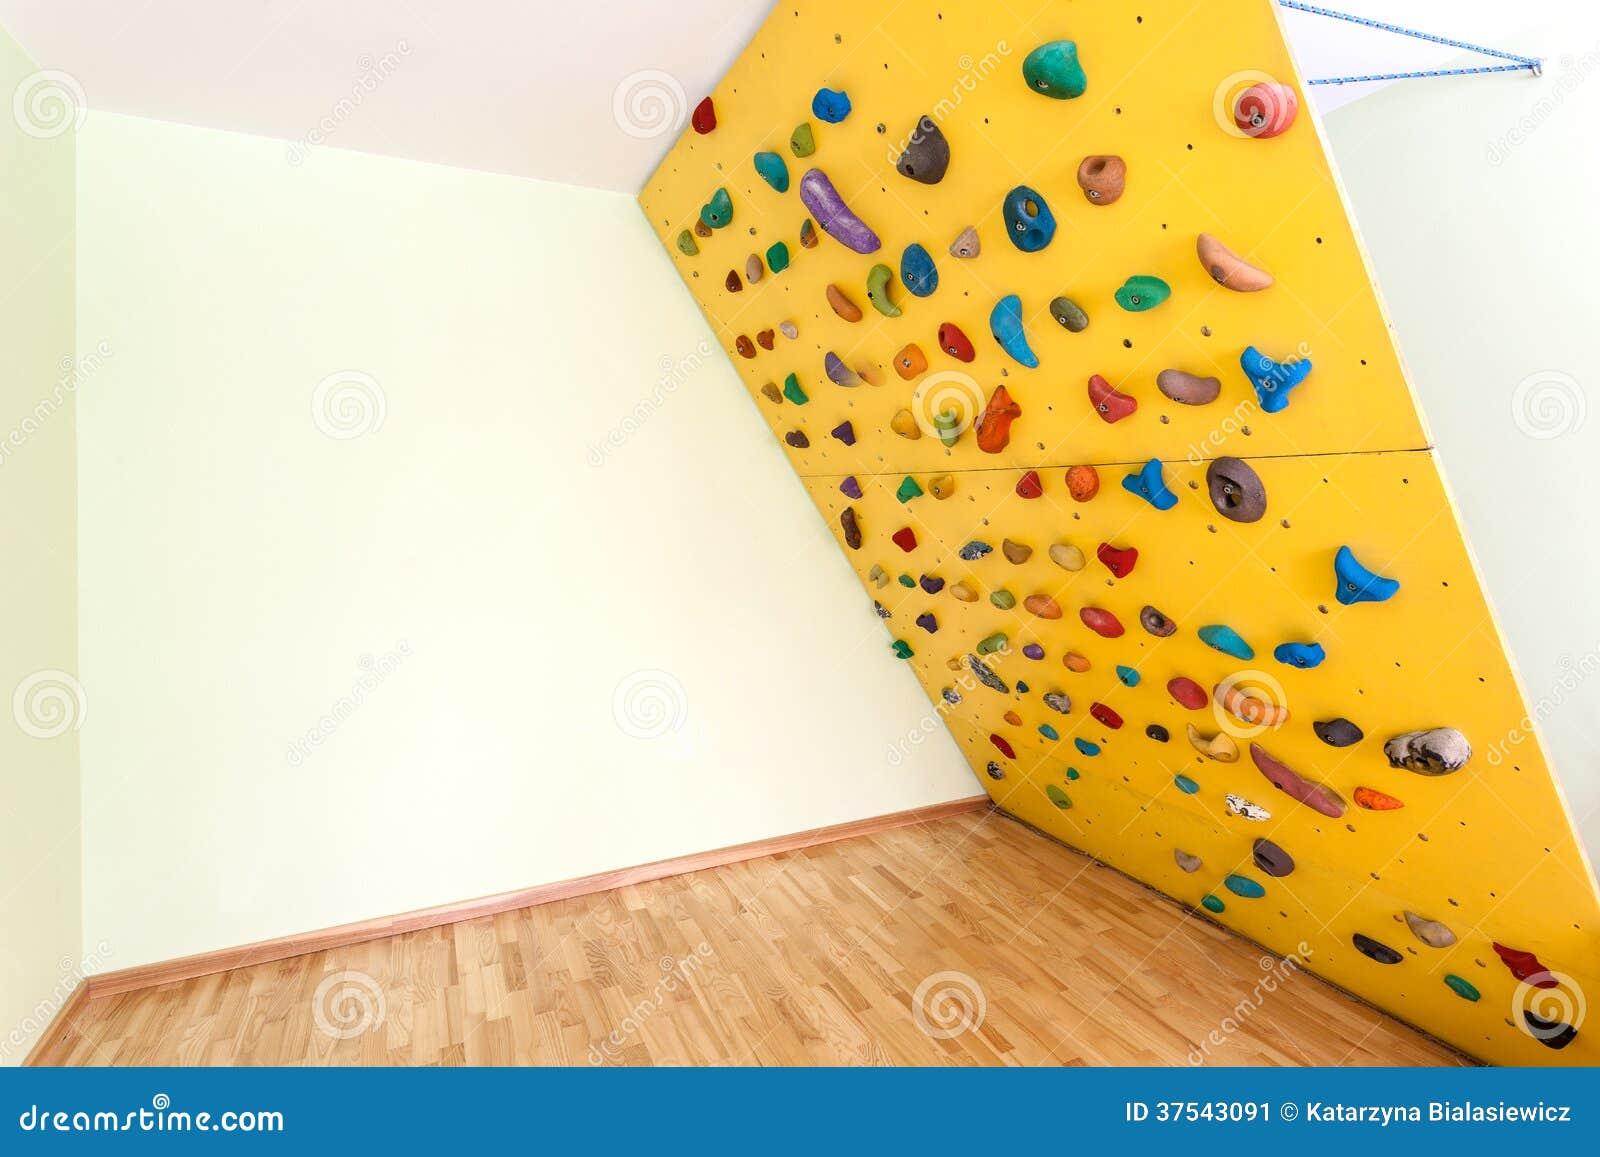 Schiefer kletterwand zu hause stockbild bild von kinder berg 37543091 - Kletterwand zu hause ...